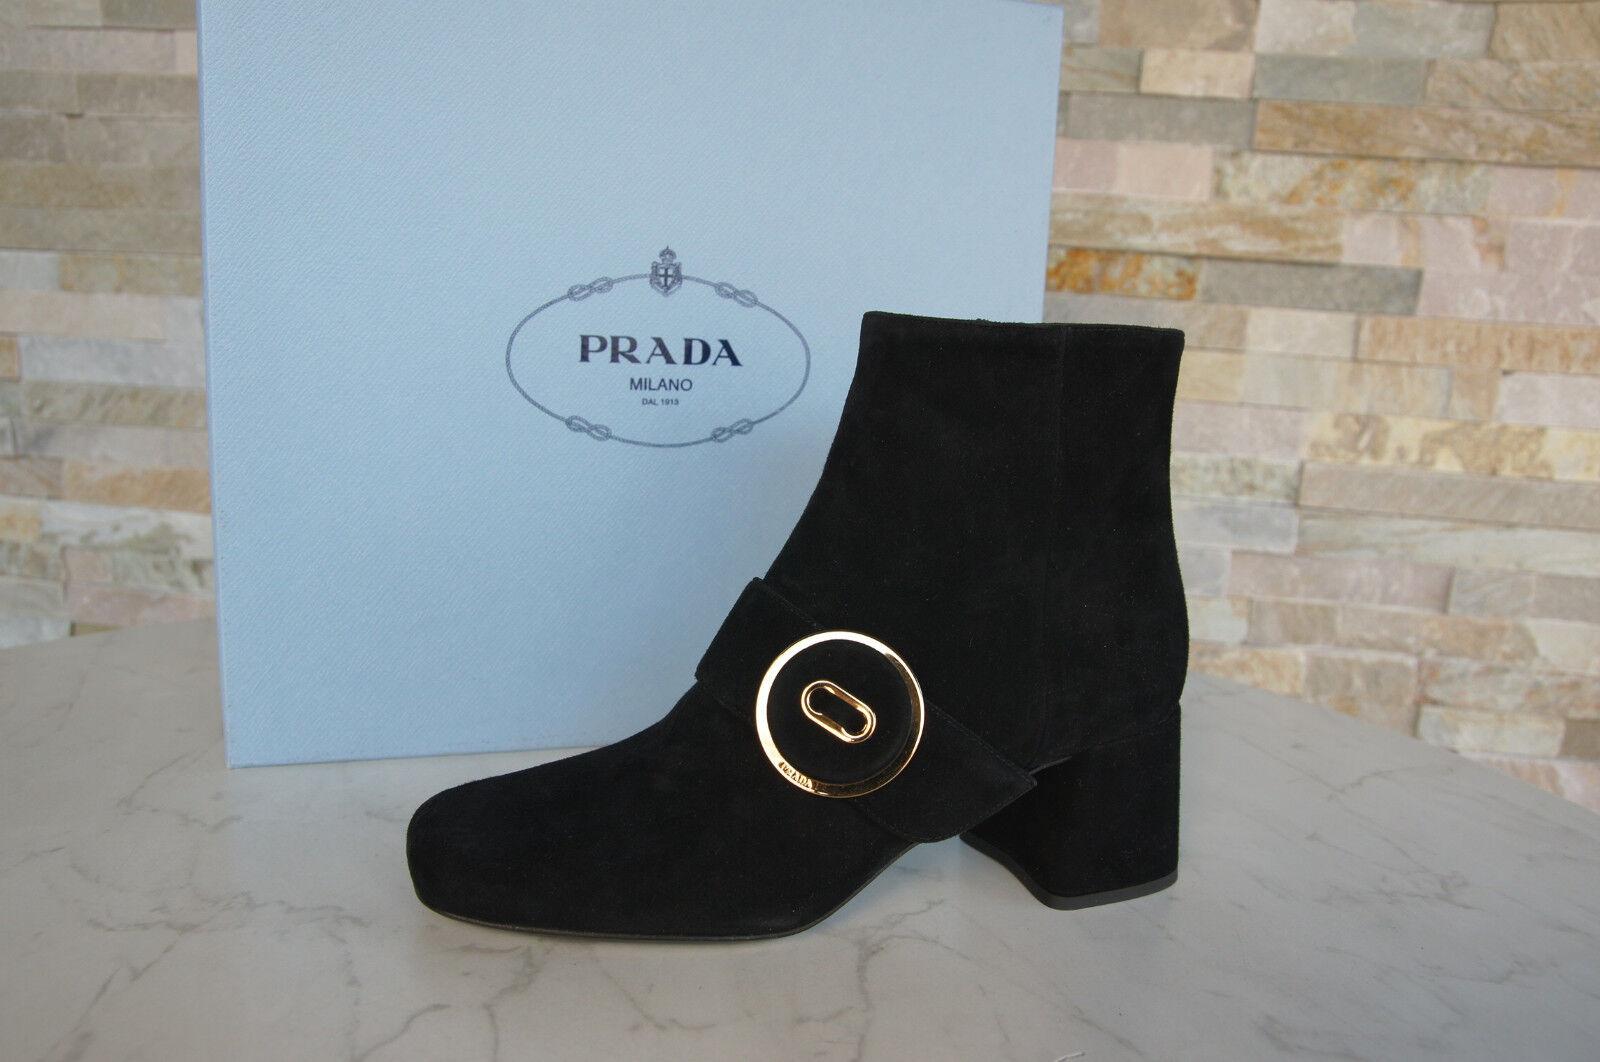 Prada talla 37 botines botaies botas zapatos zapatos zapatos 1t740h negro nuevo ex PVP  El nuevo outlet de marcas online.